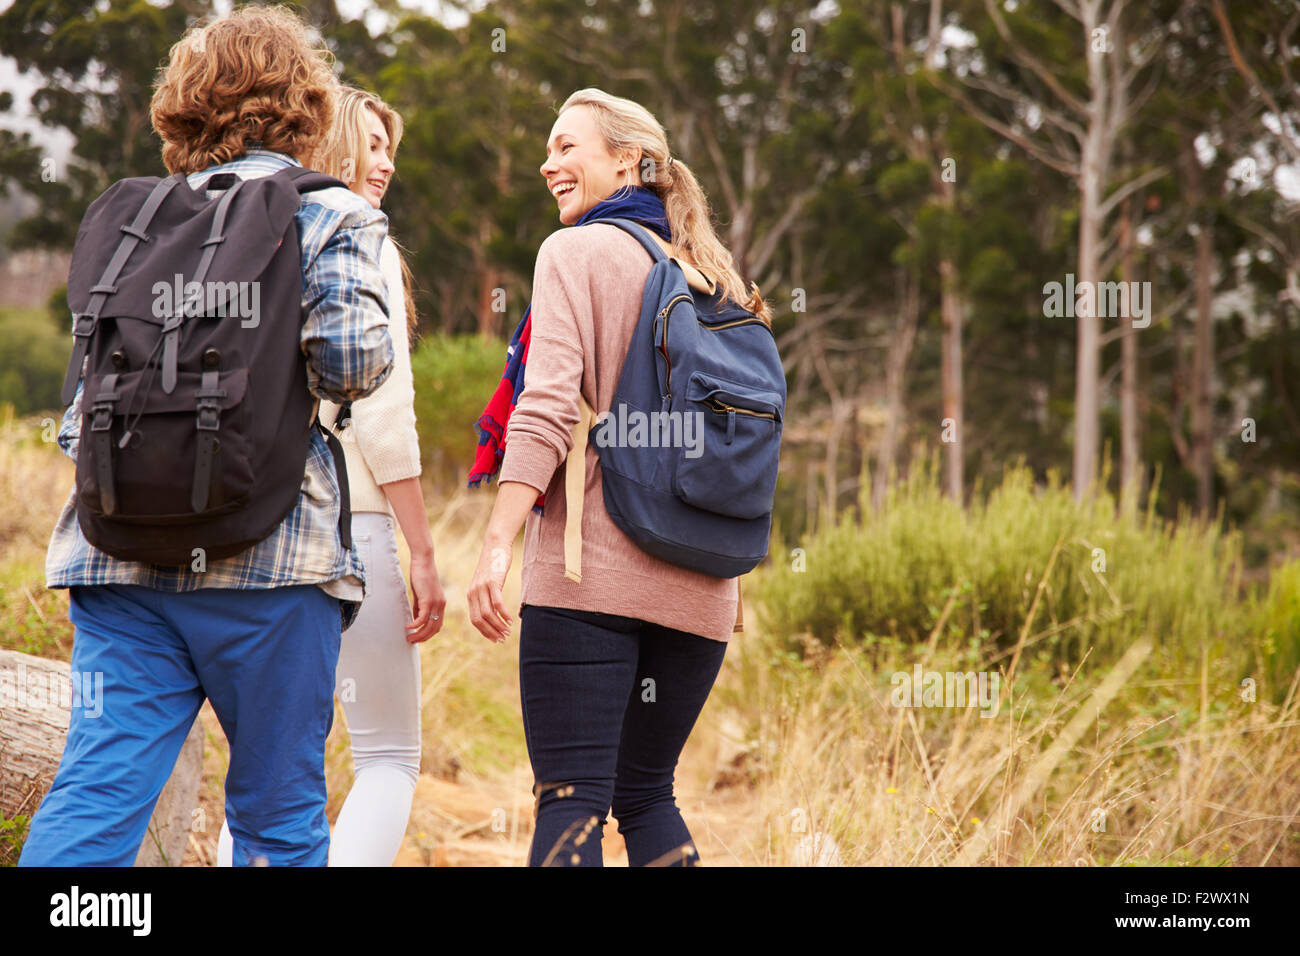 Madre y dos hijos caminando por un sendero de la selva, vista posterior Imagen De Stock